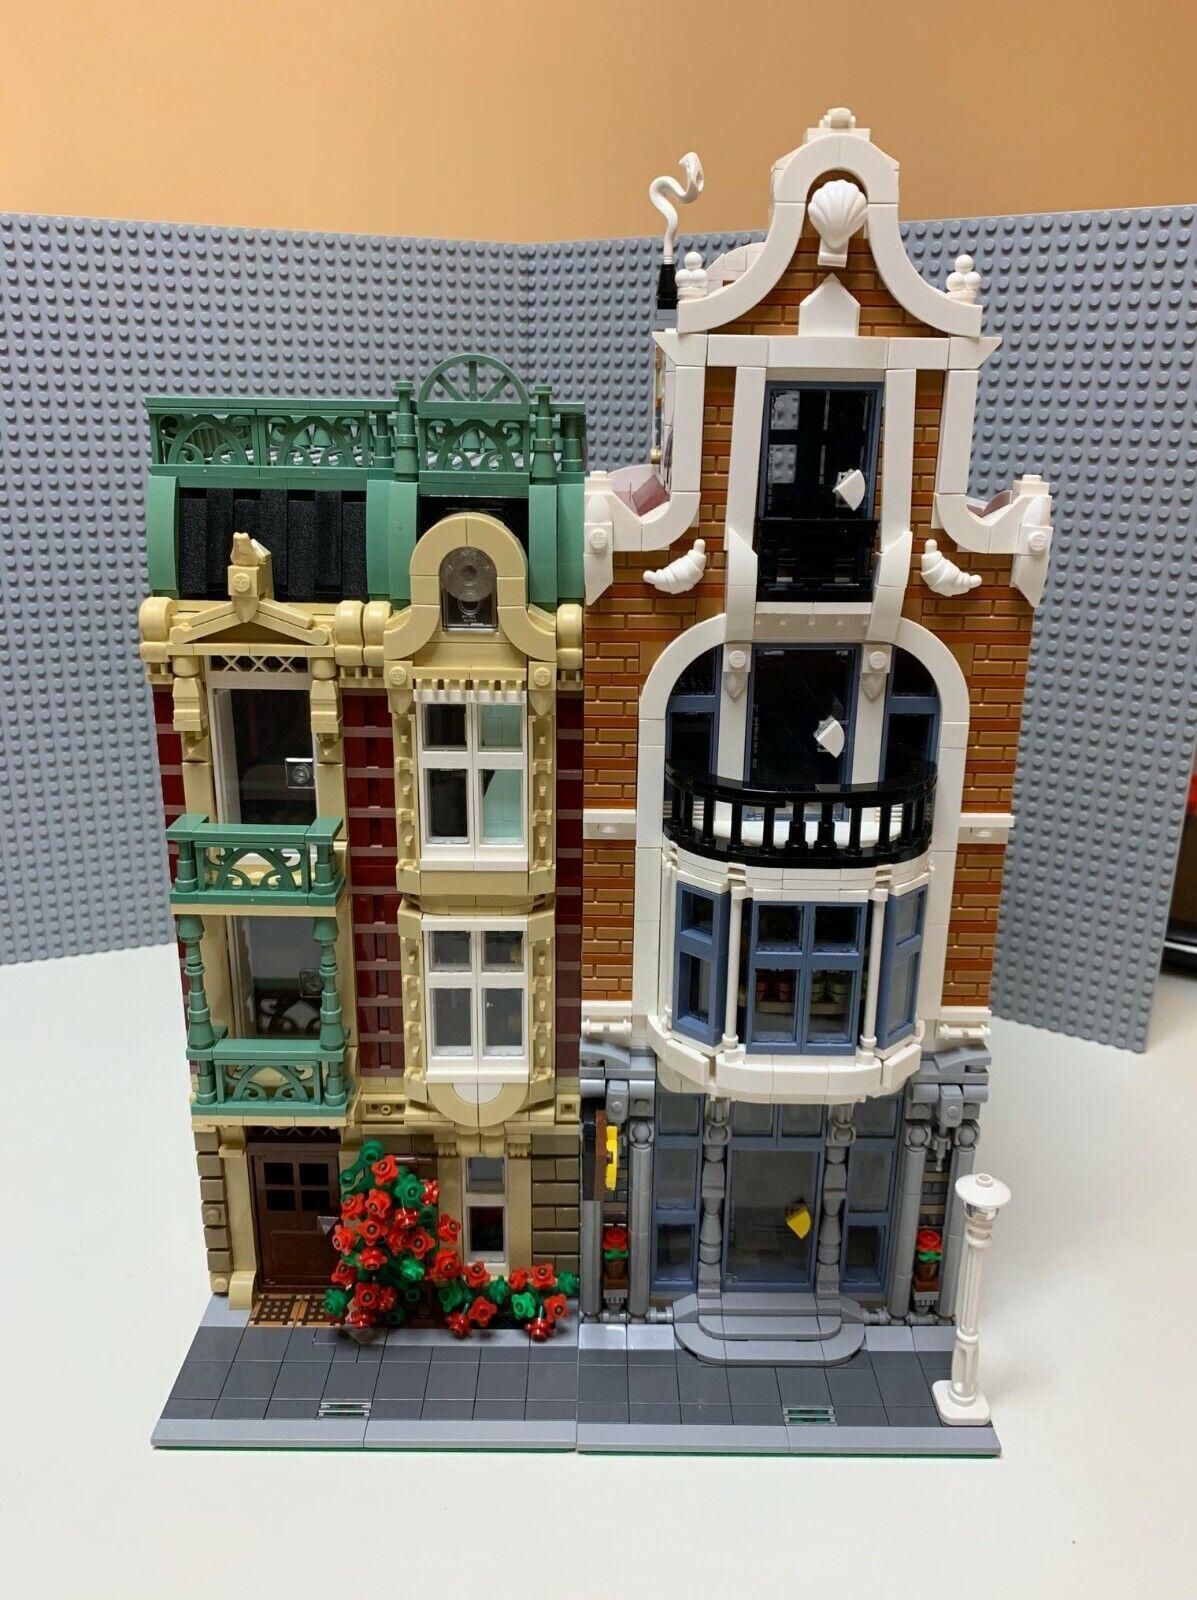 LEGO Cheese Shop Modular Buildings Modular Building